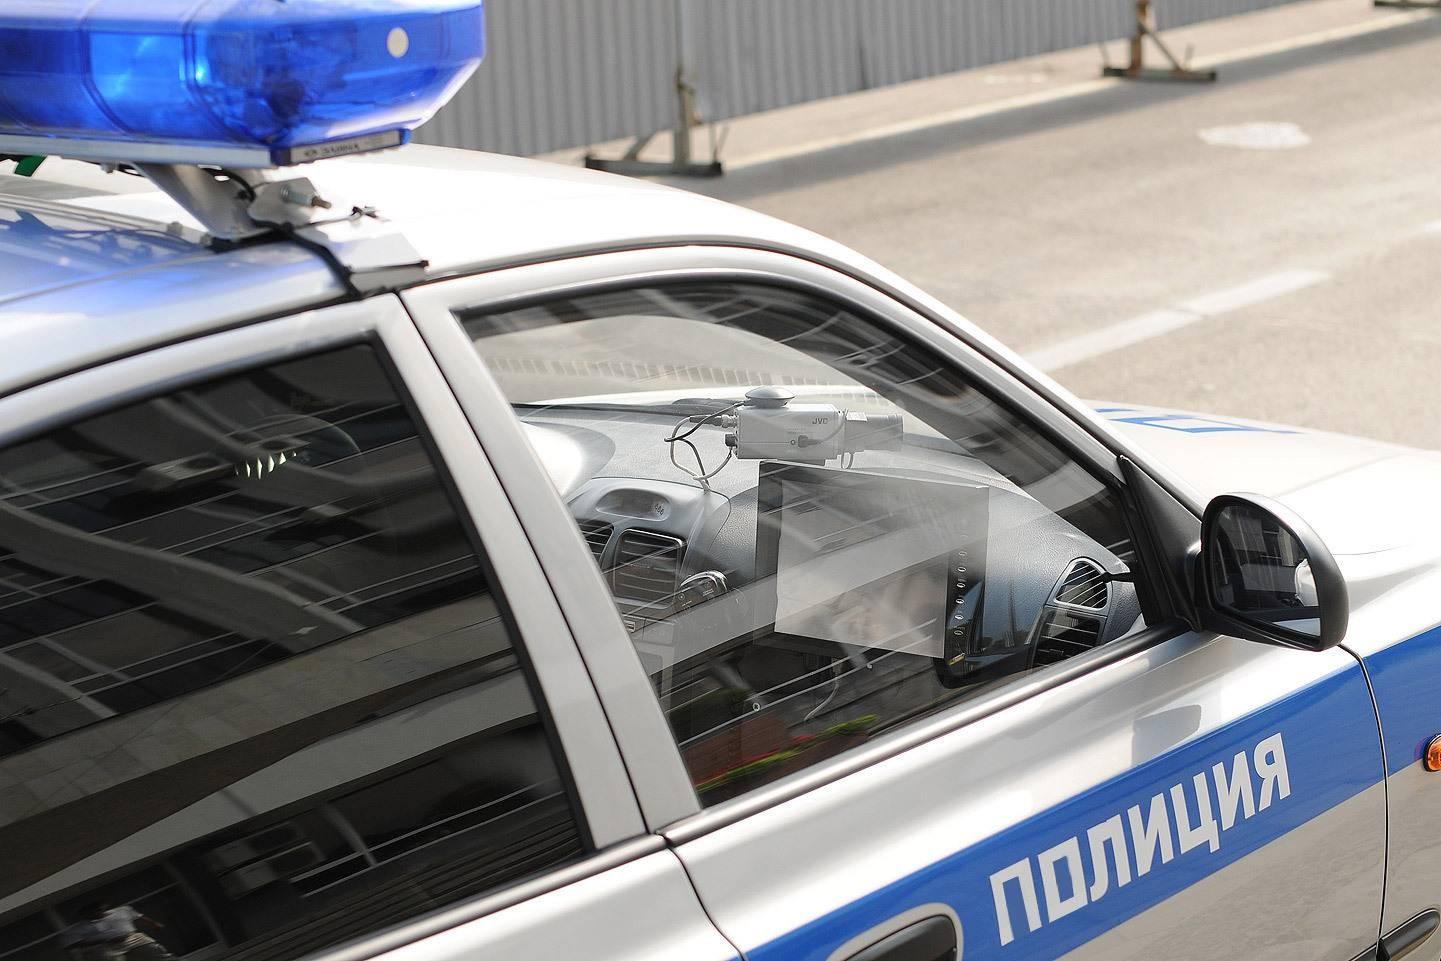 В столице при задержании убит киллер, покушавшийся на предпринимателя